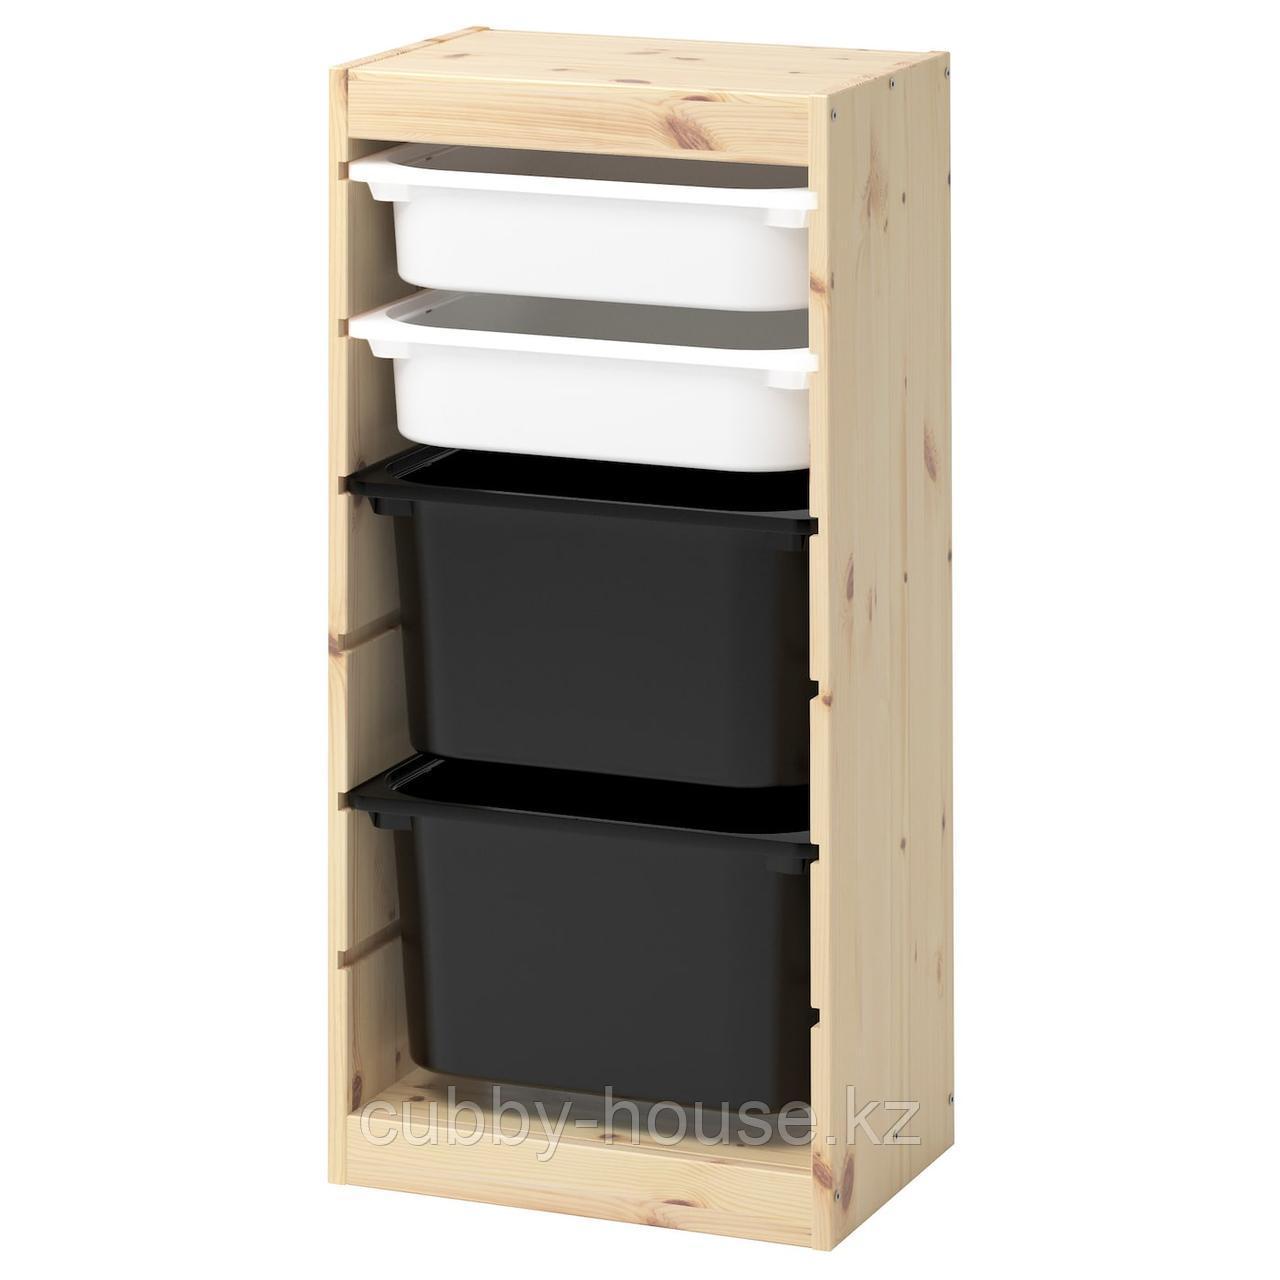 ТРУФАСТ Комбинация д/хранения+контейнеры, светлая беленая сосна белый, розовый, 44x30x91 см